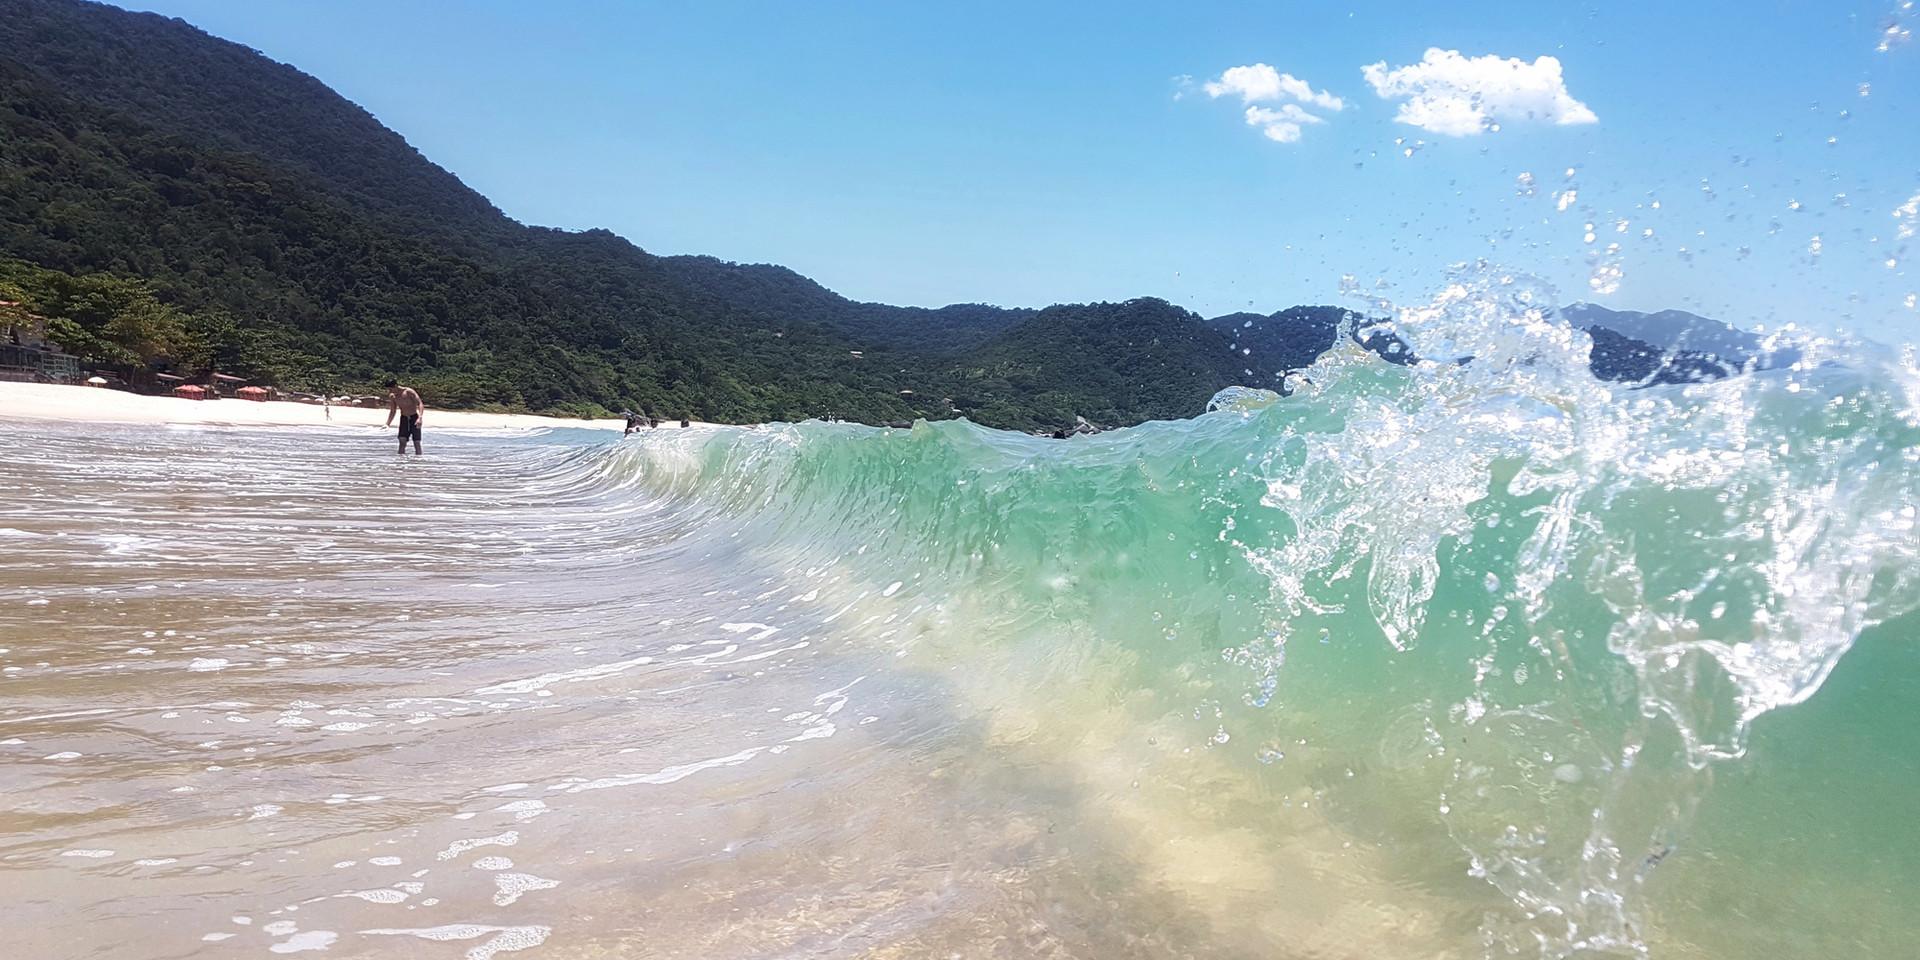 Águas cristalinas em frente à Pousada do Pelé.